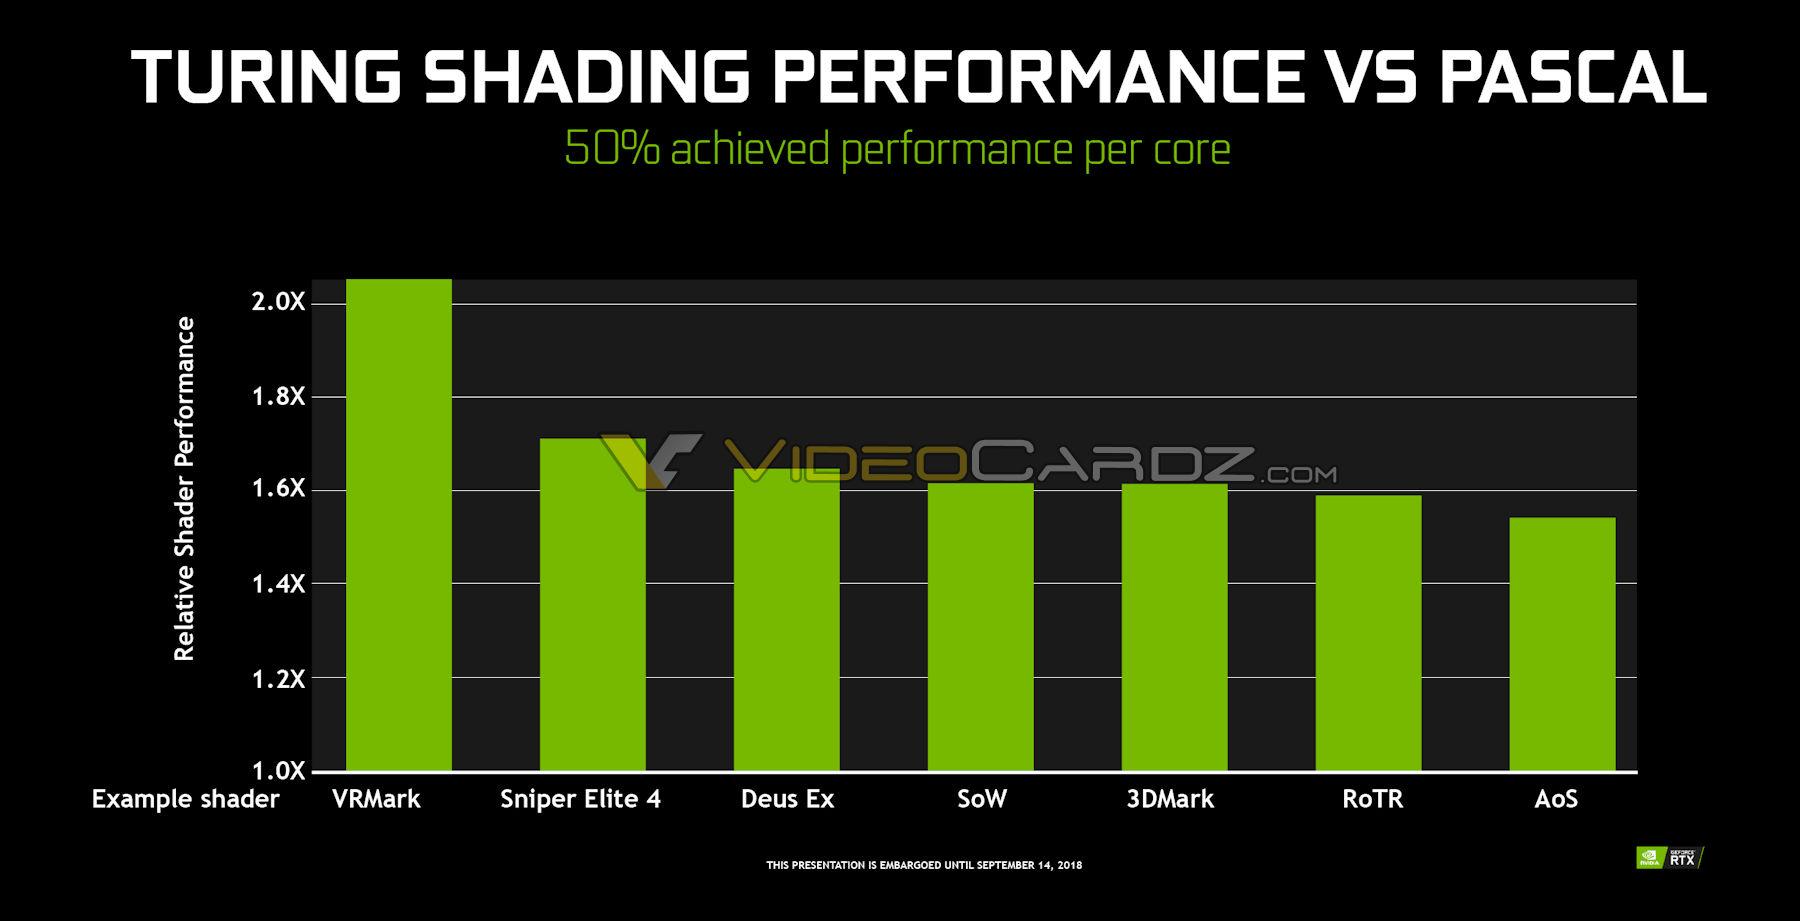 NVIDIA-Turing-vs-Pascal-Shader-Performance.jpg